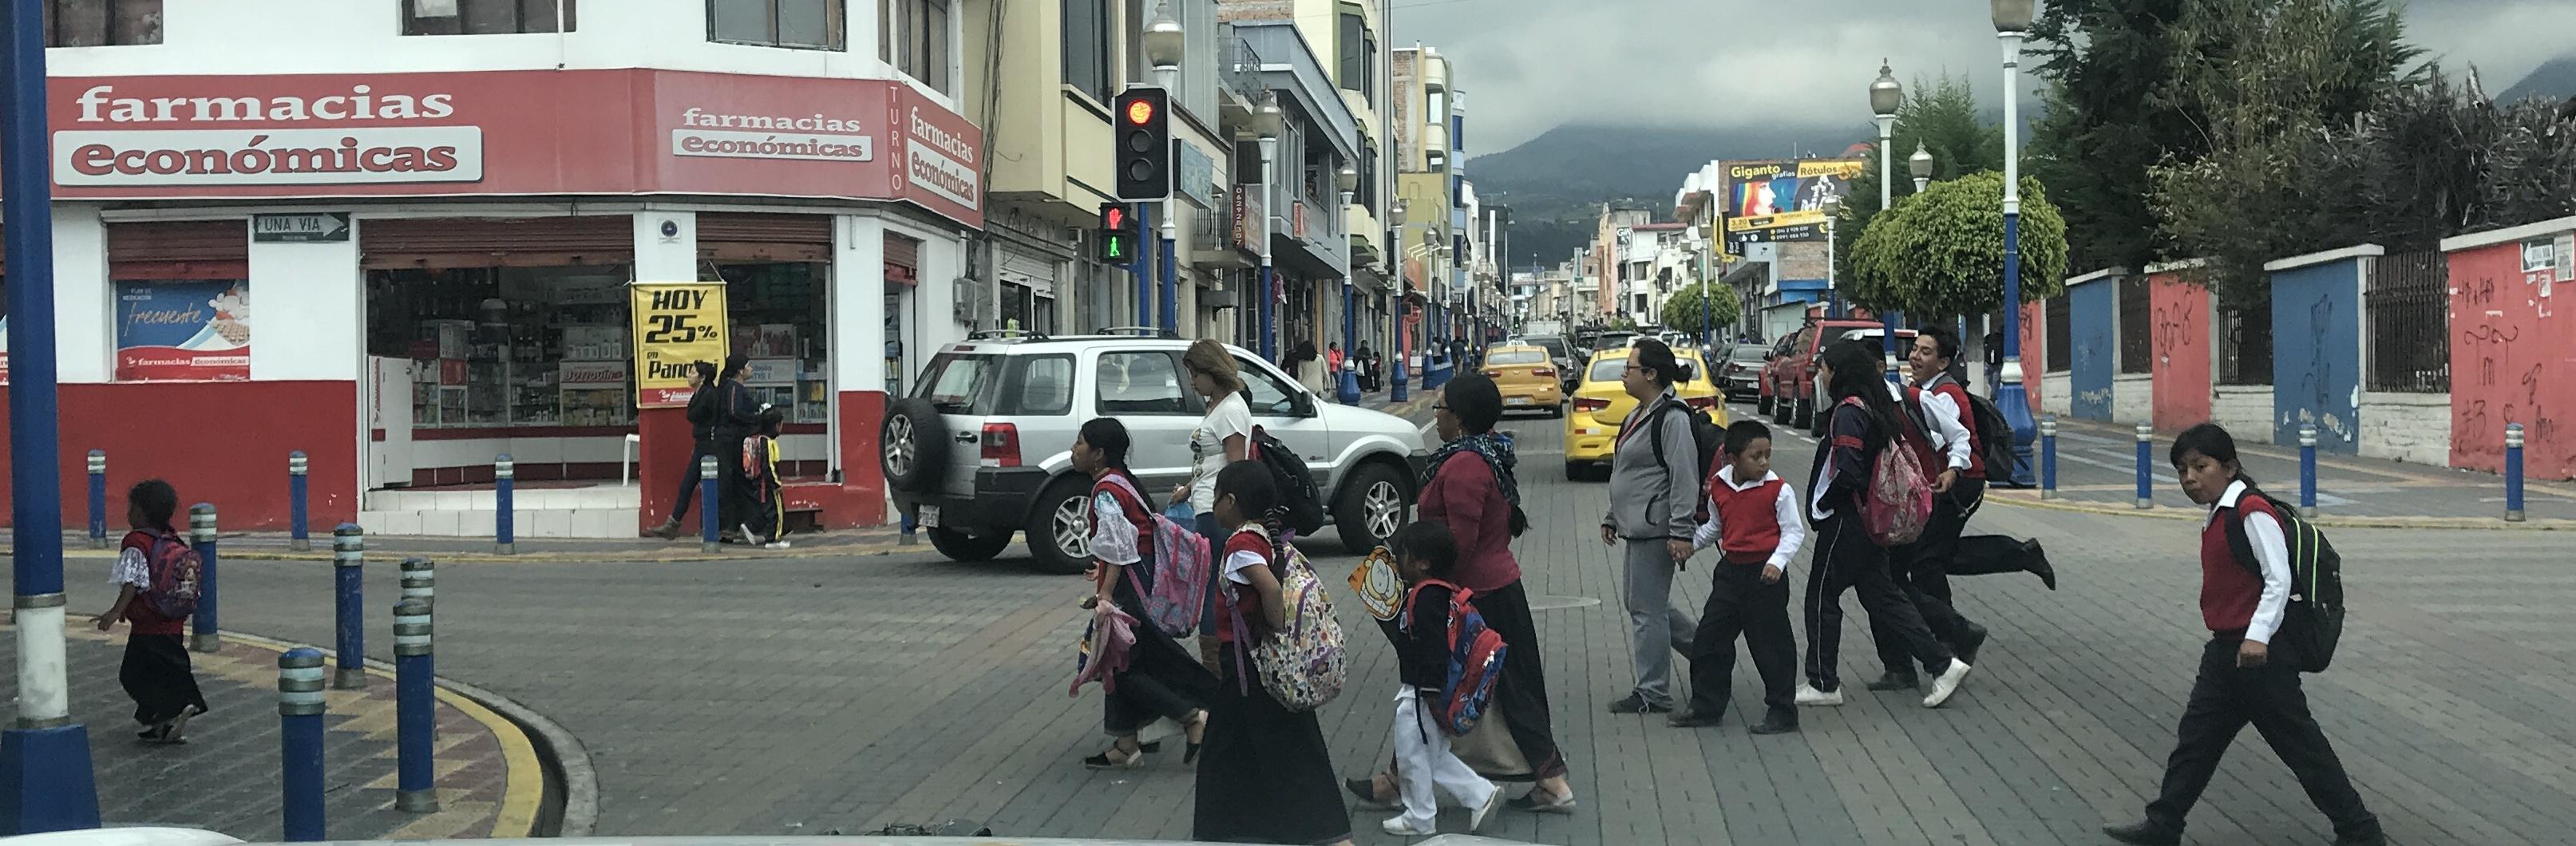 streetscene blended cultures.JPG